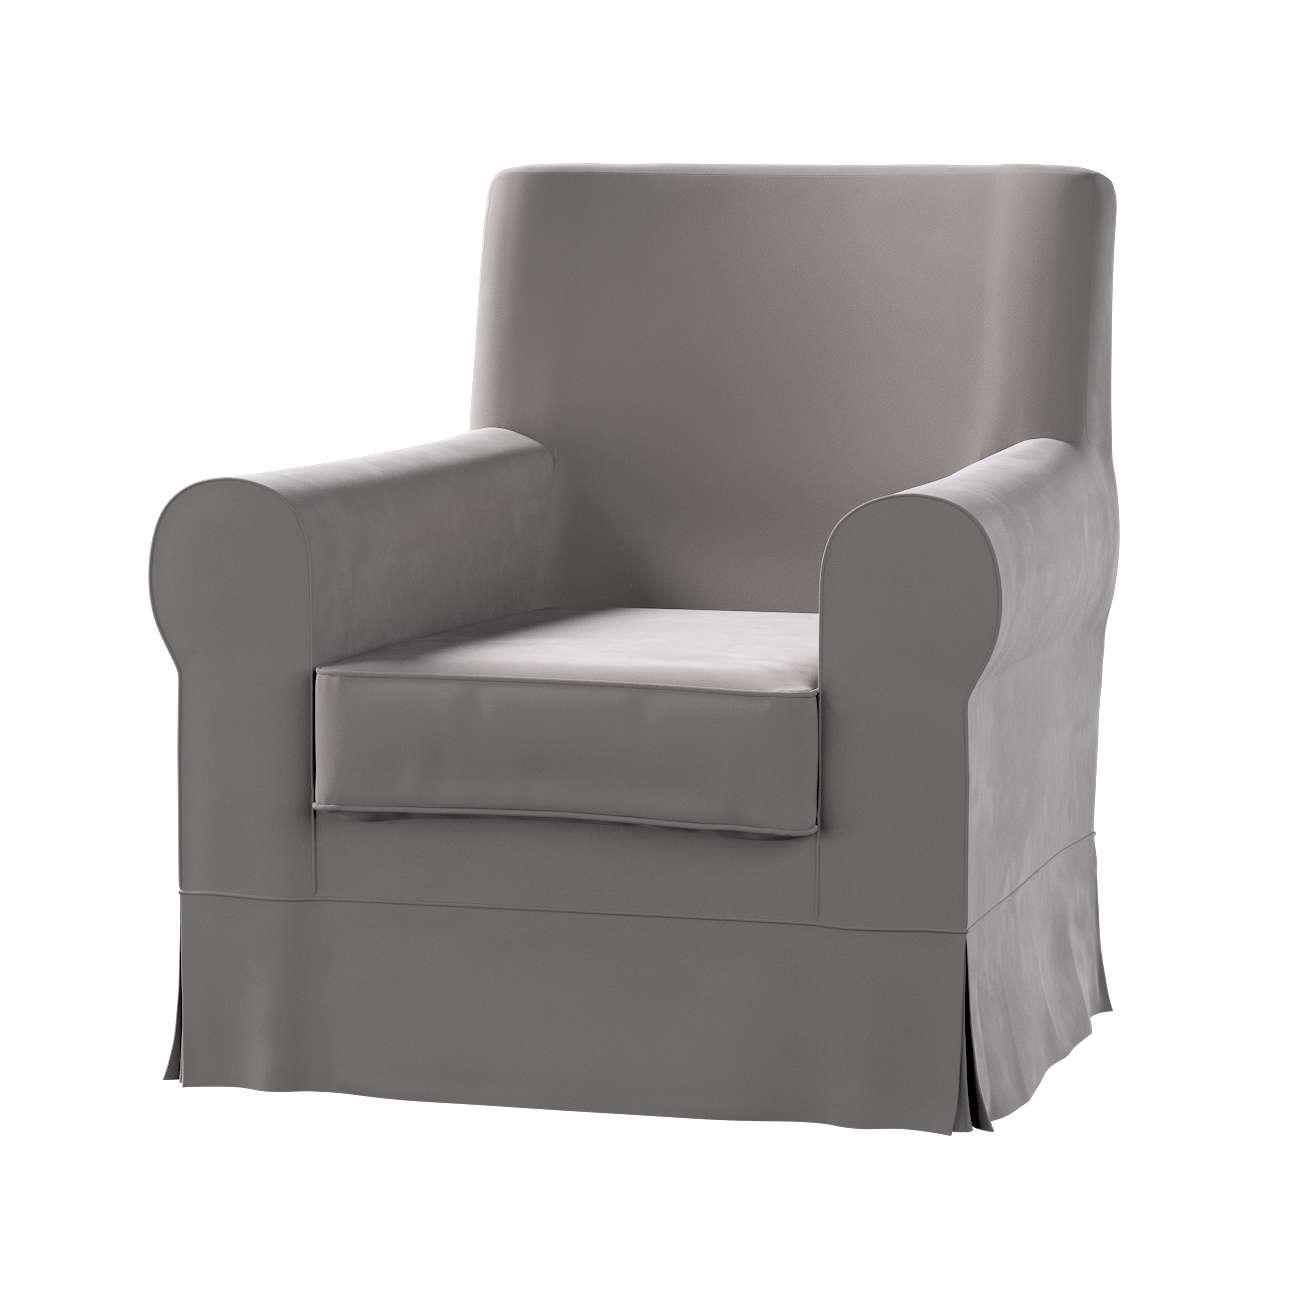 Pokrowiec na fotel Ektorp Jennylund w kolekcji Velvet, tkanina: 704-11